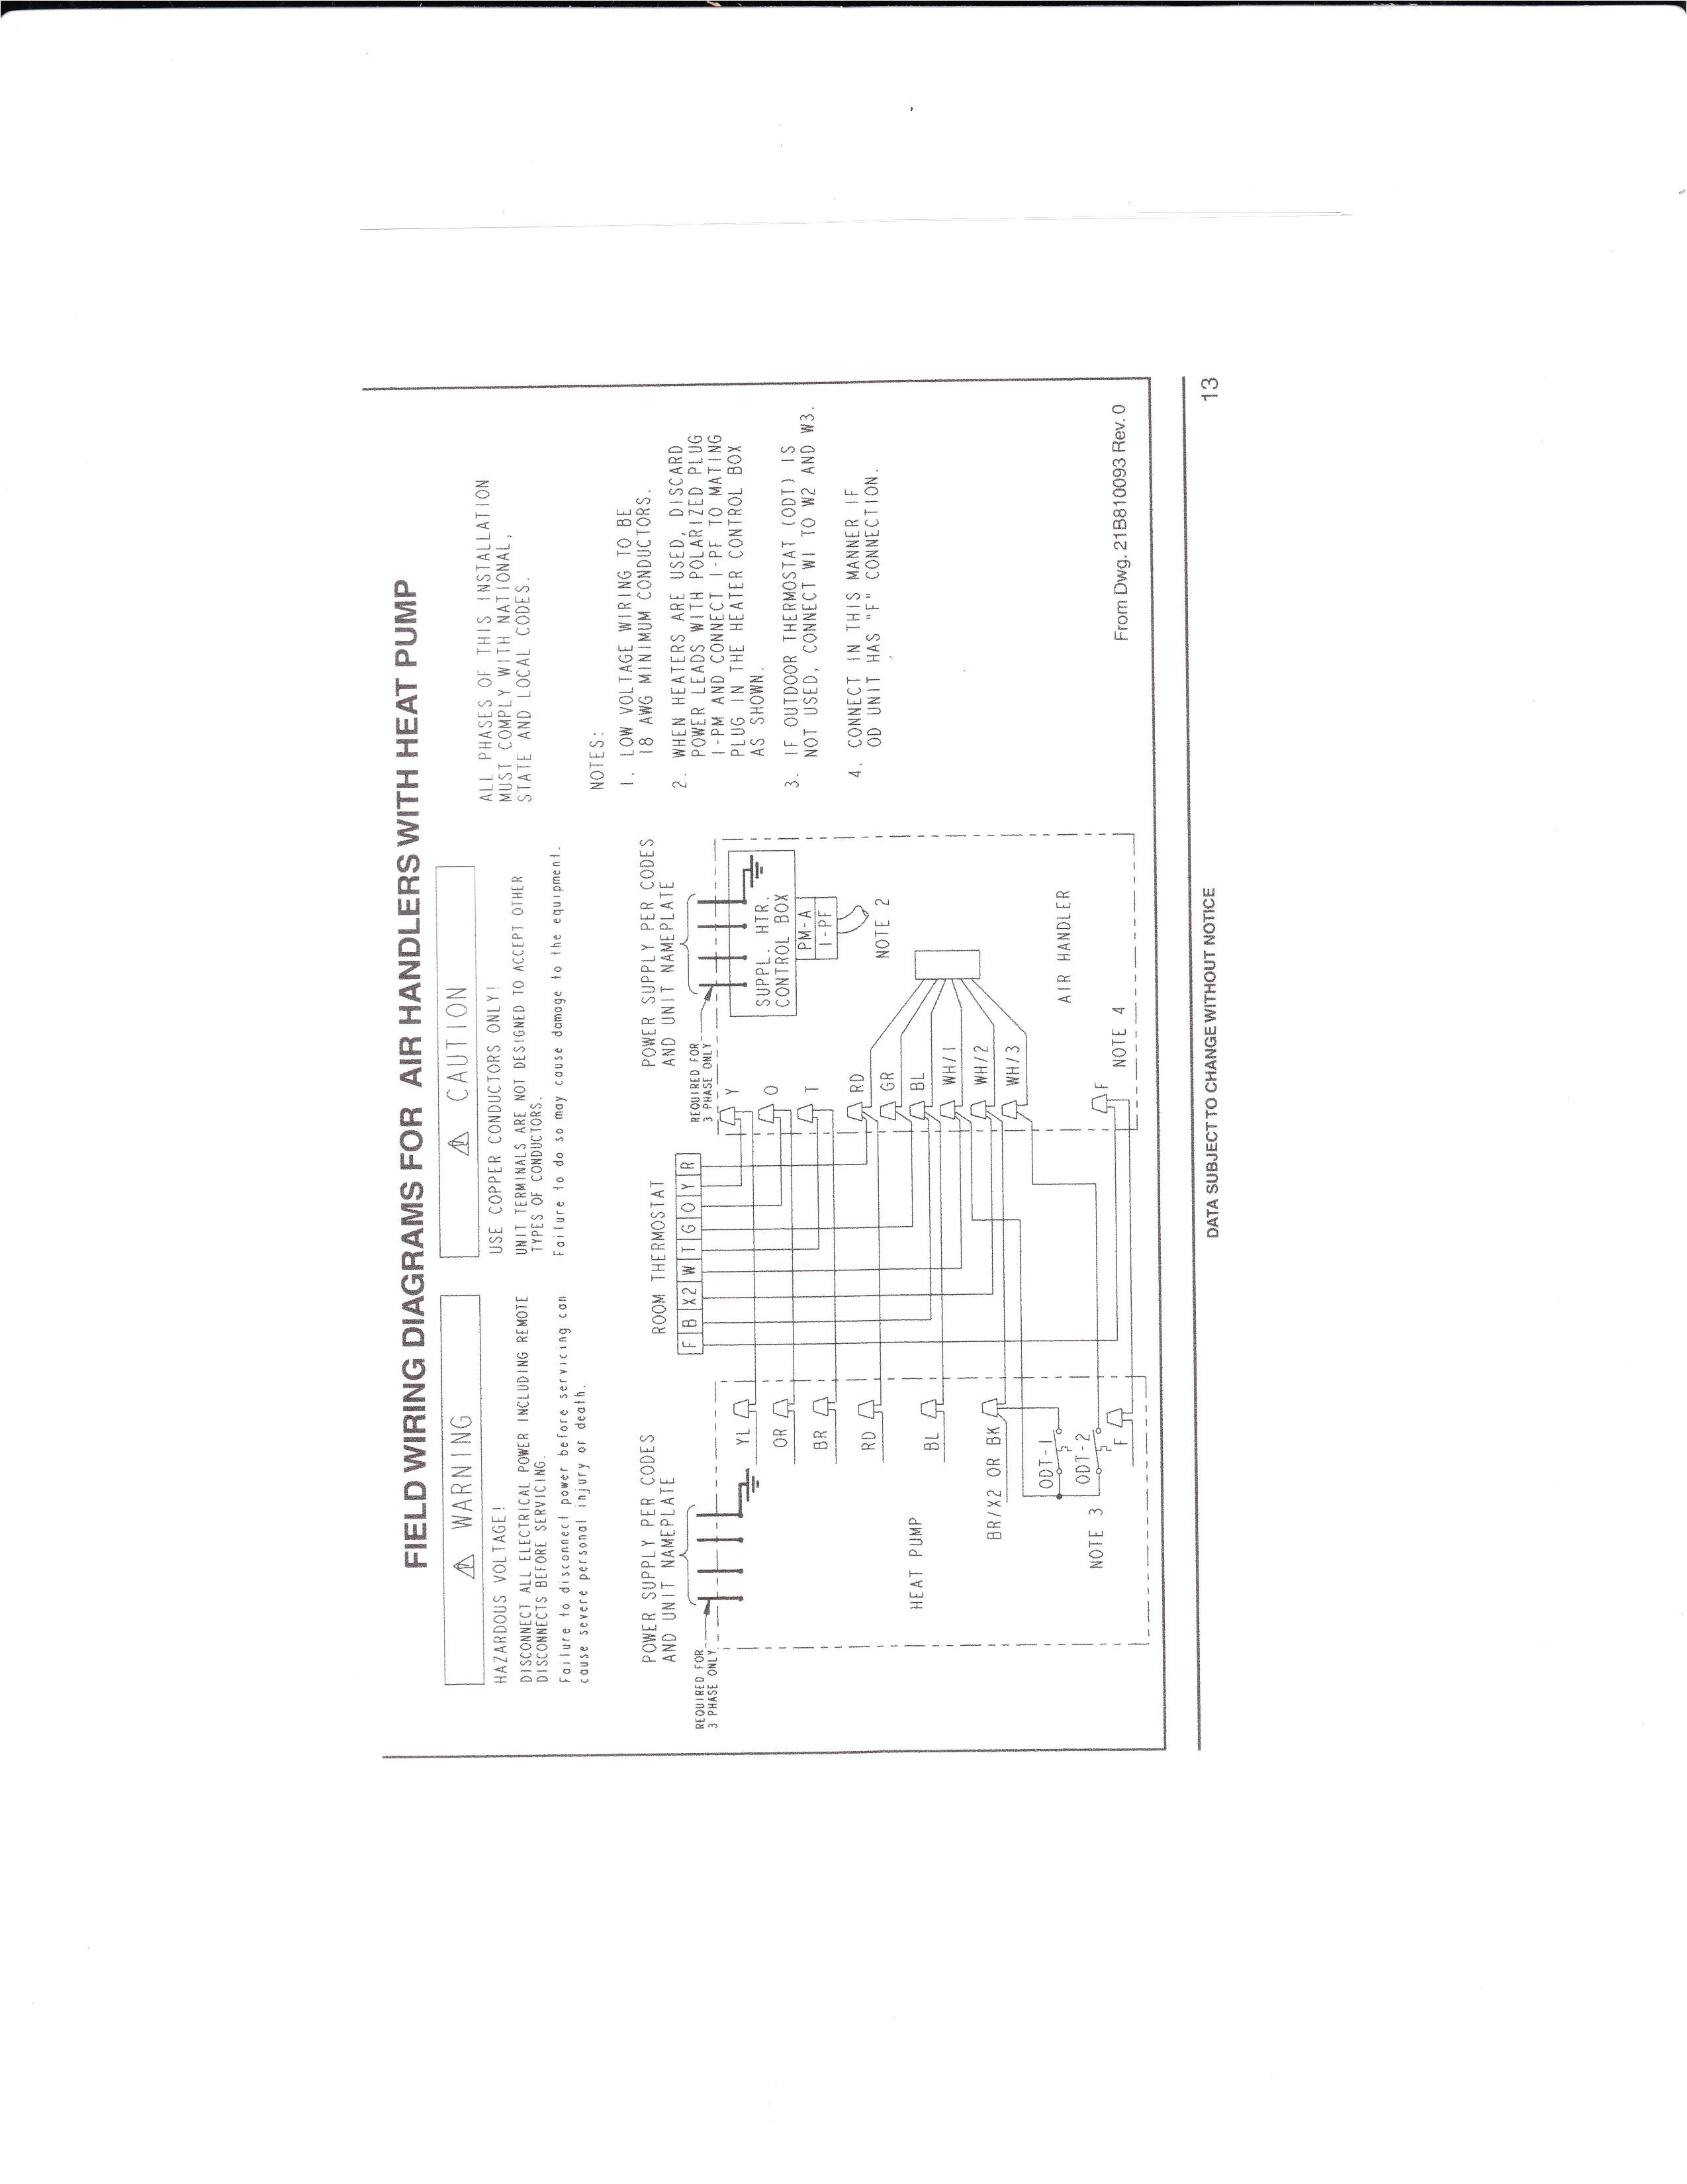 metra wiring harness wiring diagram databasemetra 70 wiring diagram